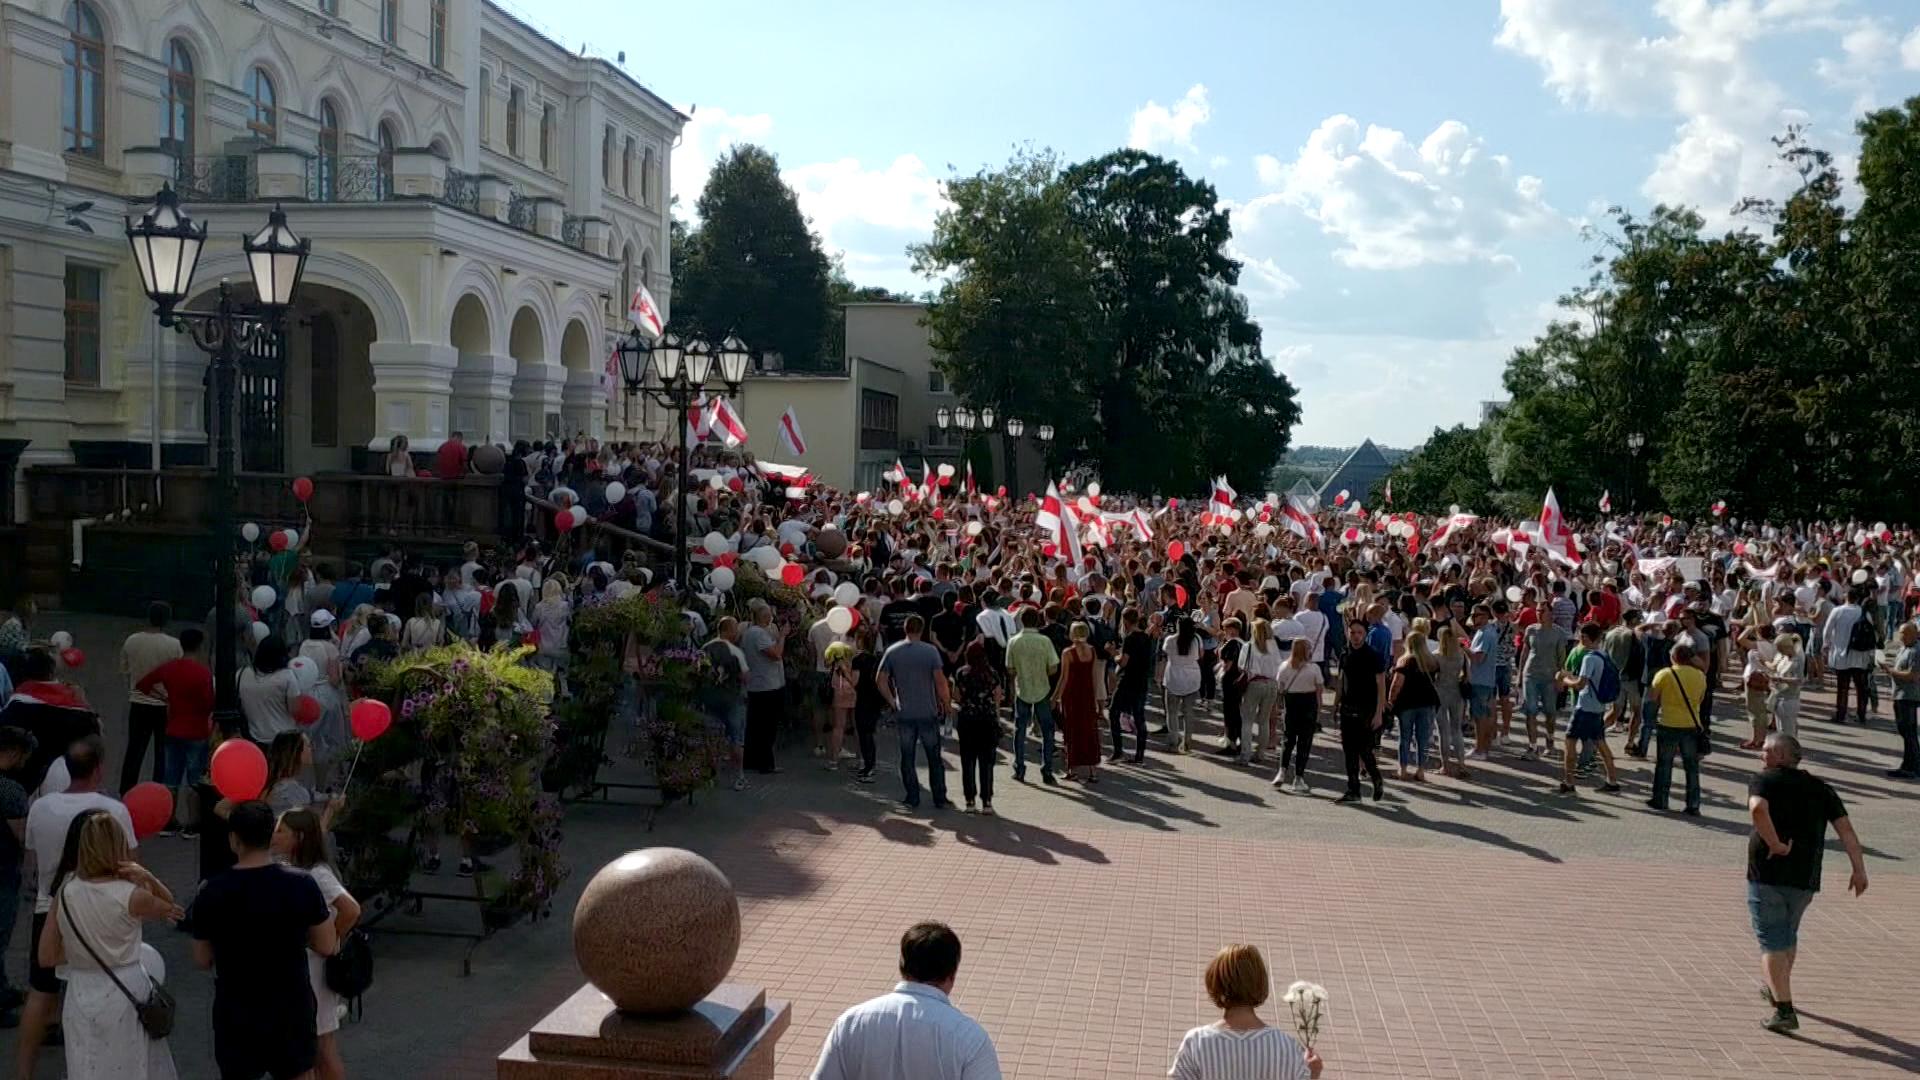 marsh - В Витебске прошла мирная акция солидарности (видео)